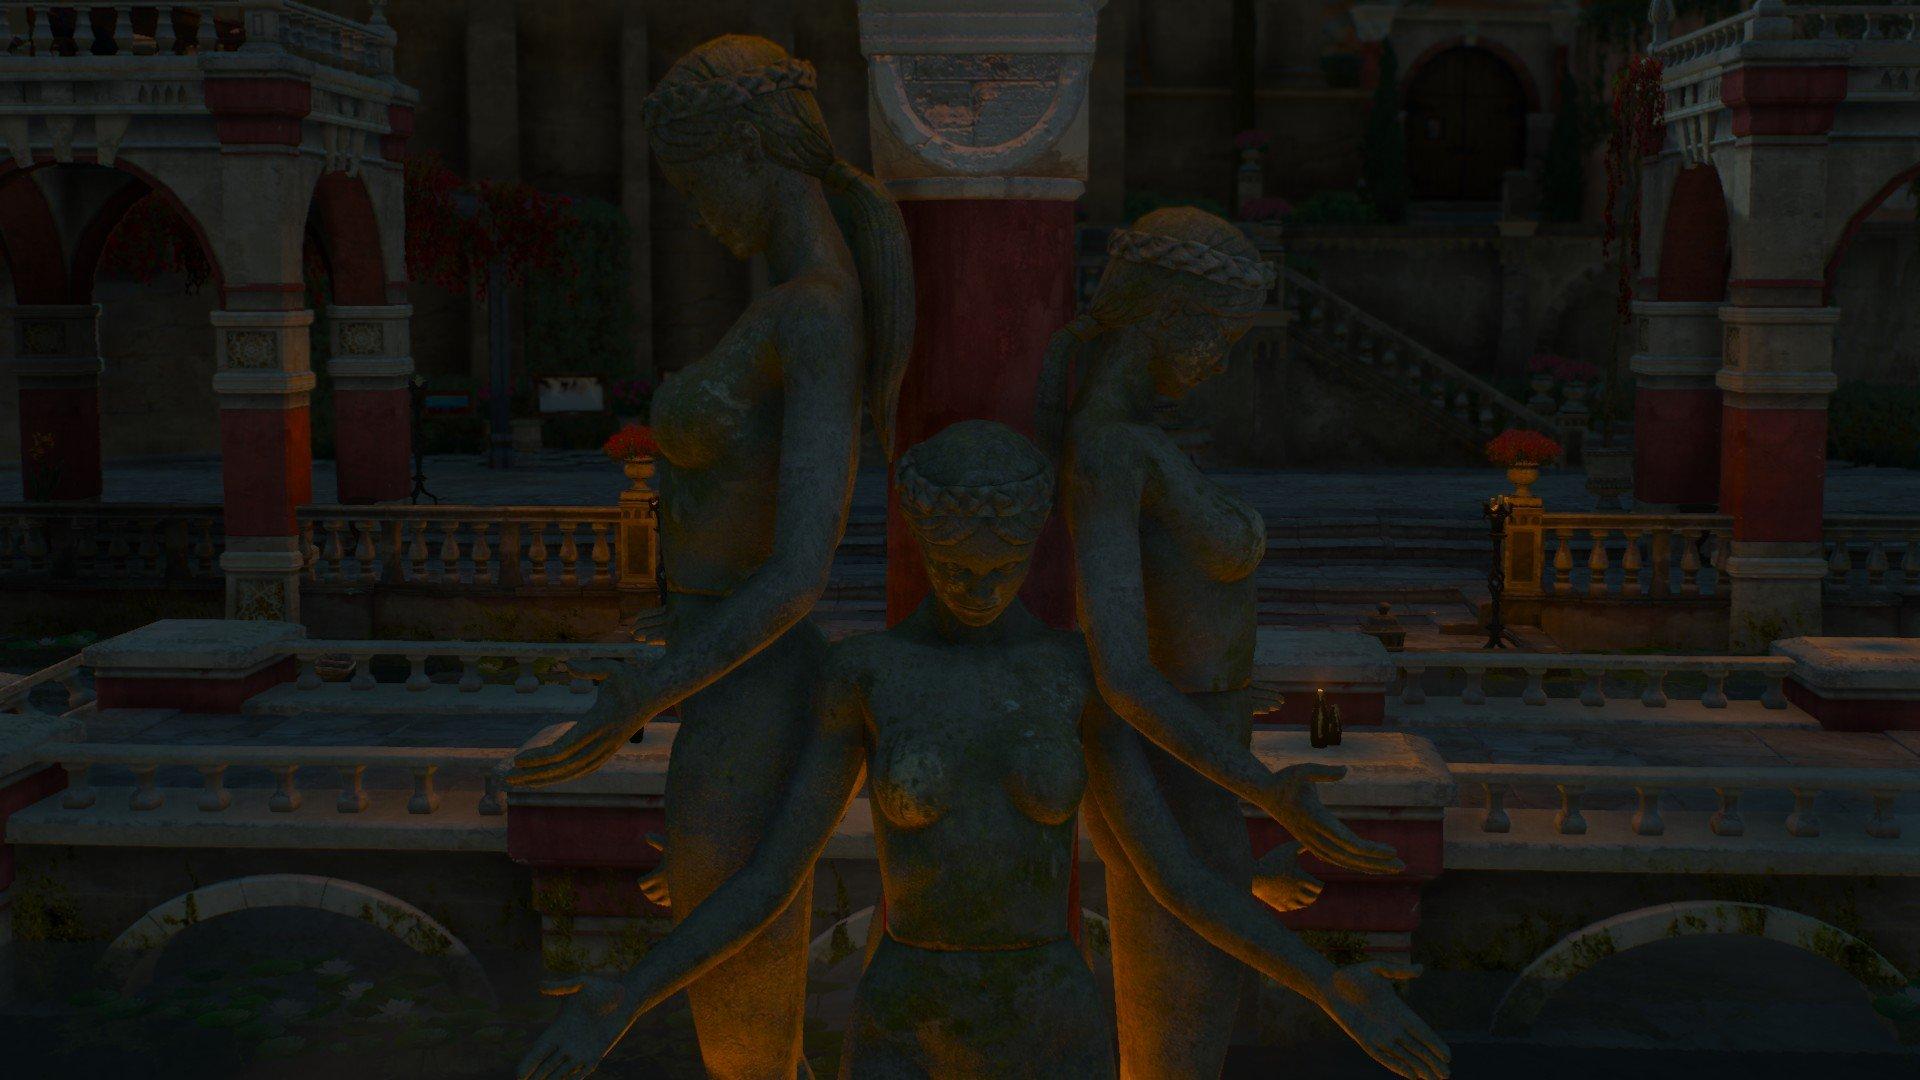 Вопль-прохождение Witcher 3: Кровь и Вино ... ФИНАЛ!!! [ВНИМАНИЕ, СПОЙЛЕРЫ] - Изображение 11